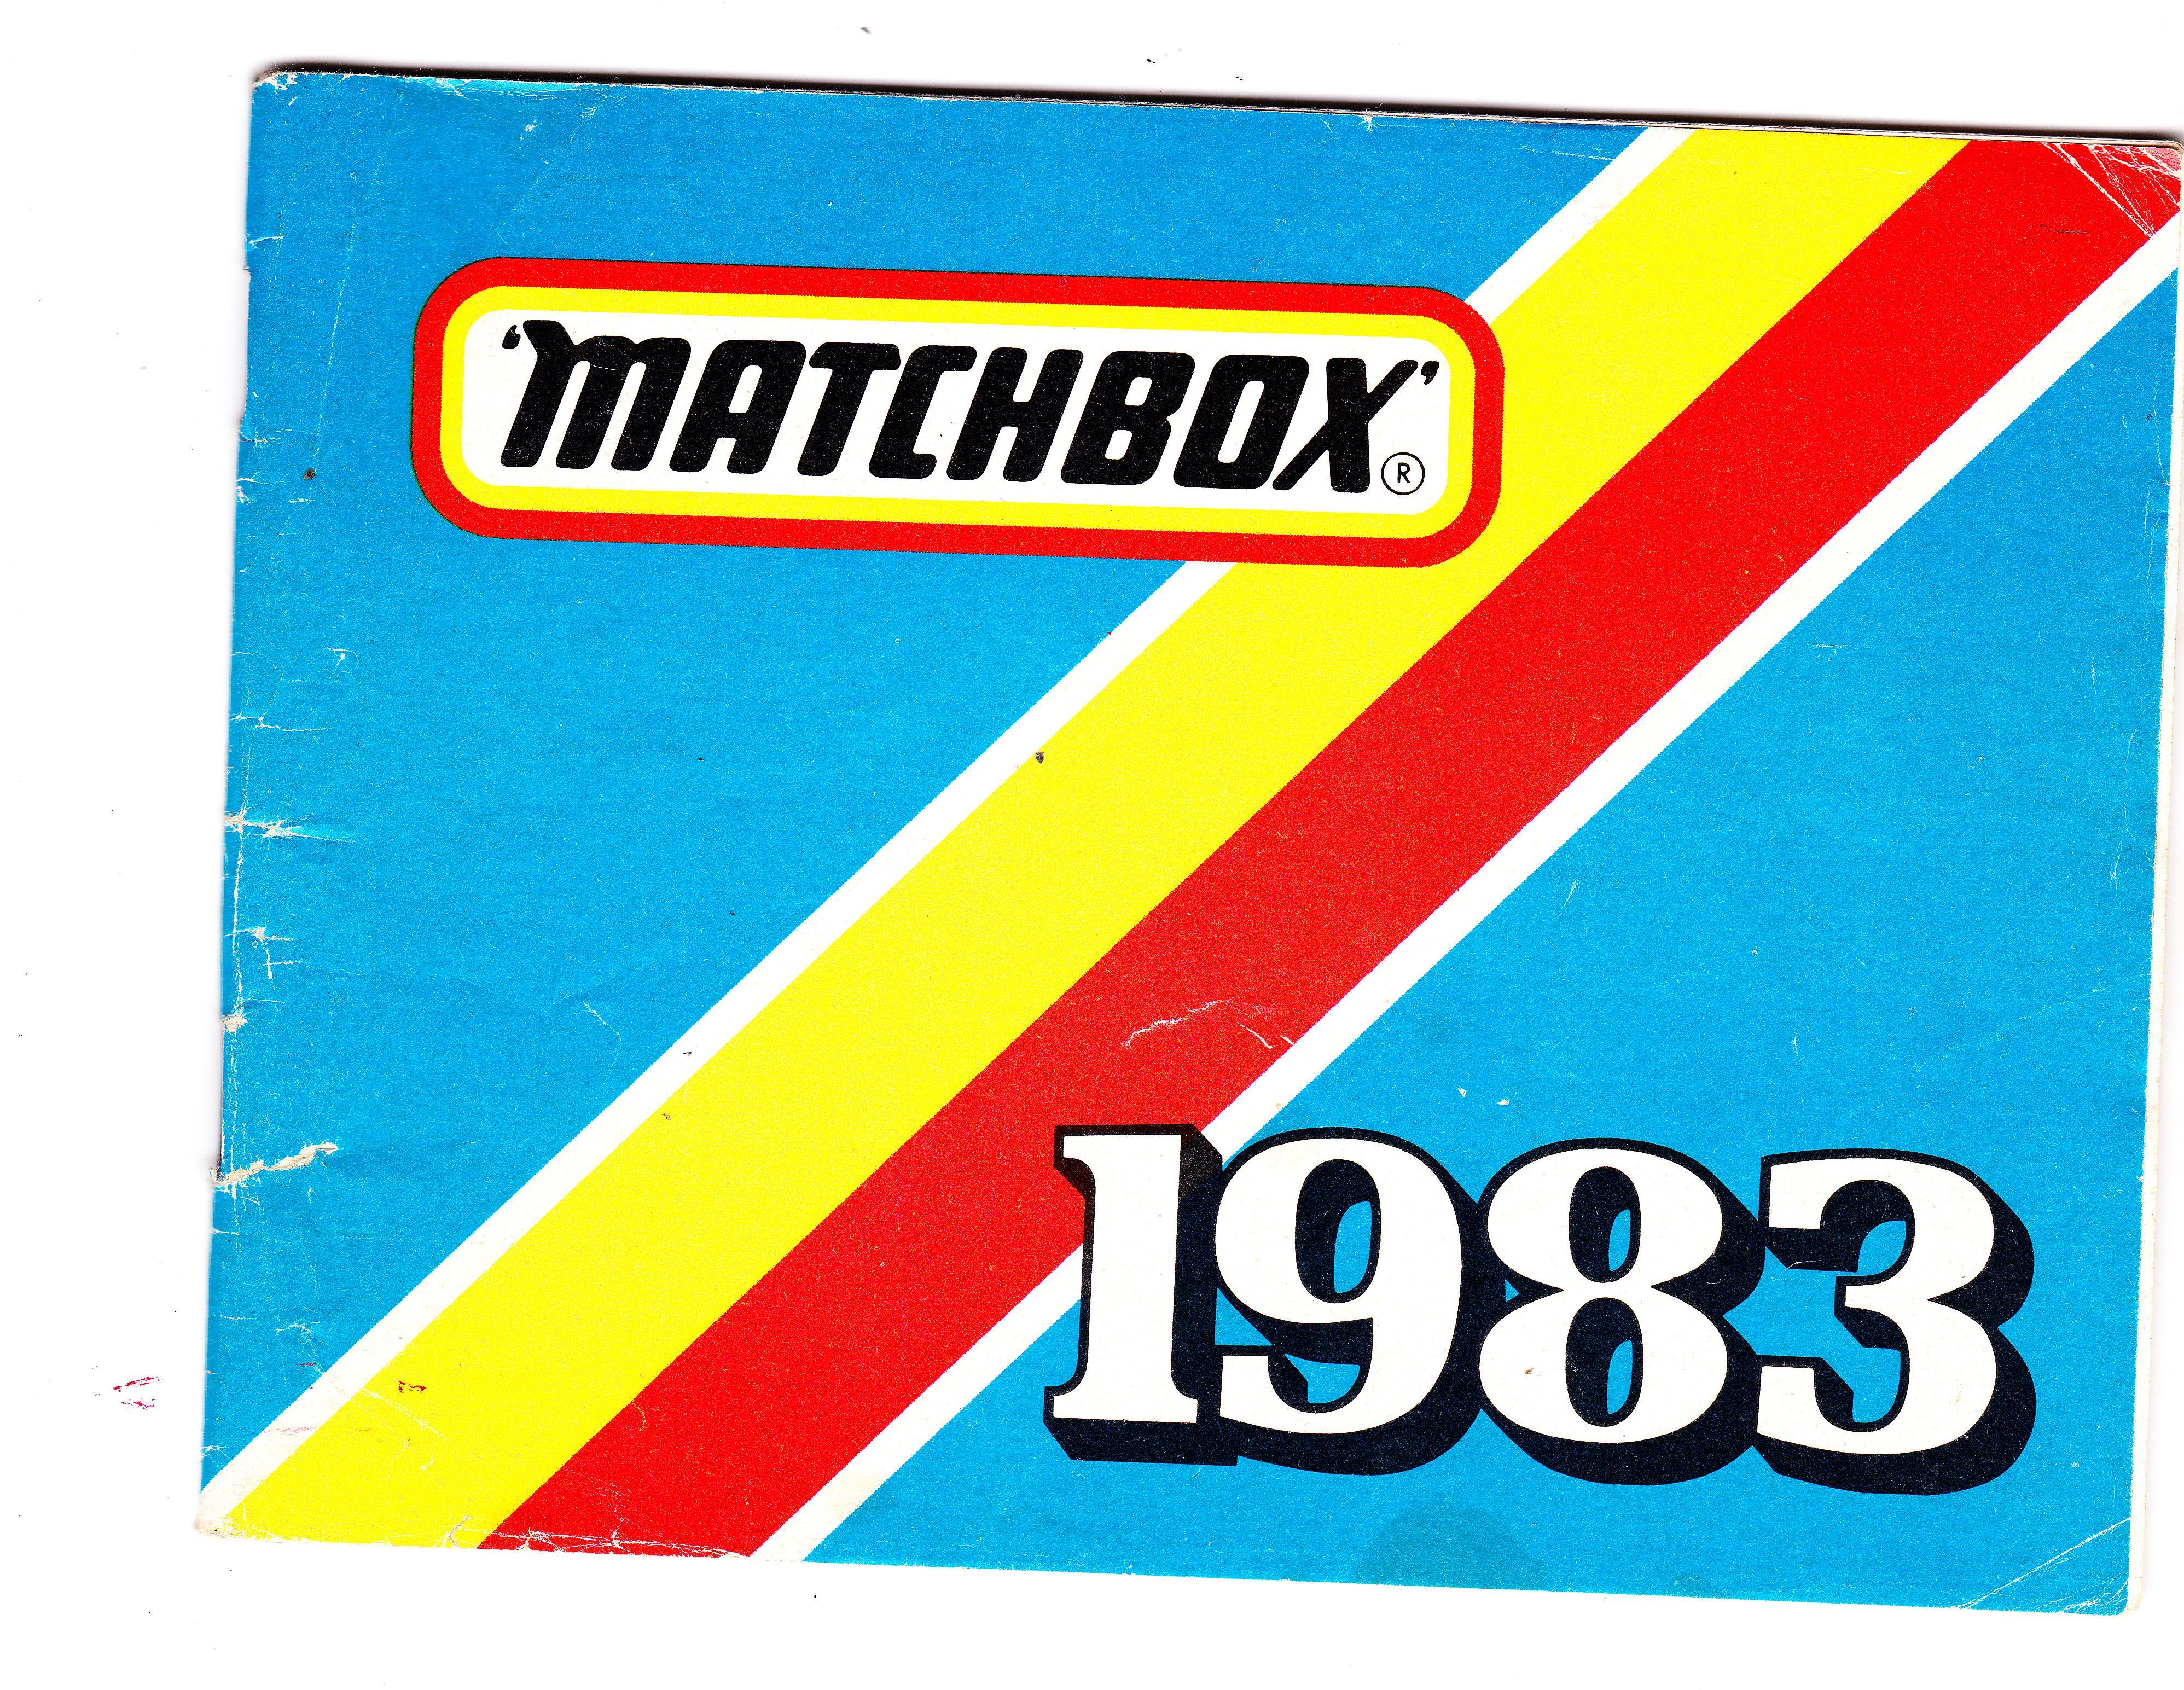 http://www.bentcop.biz/matchbox.jpg